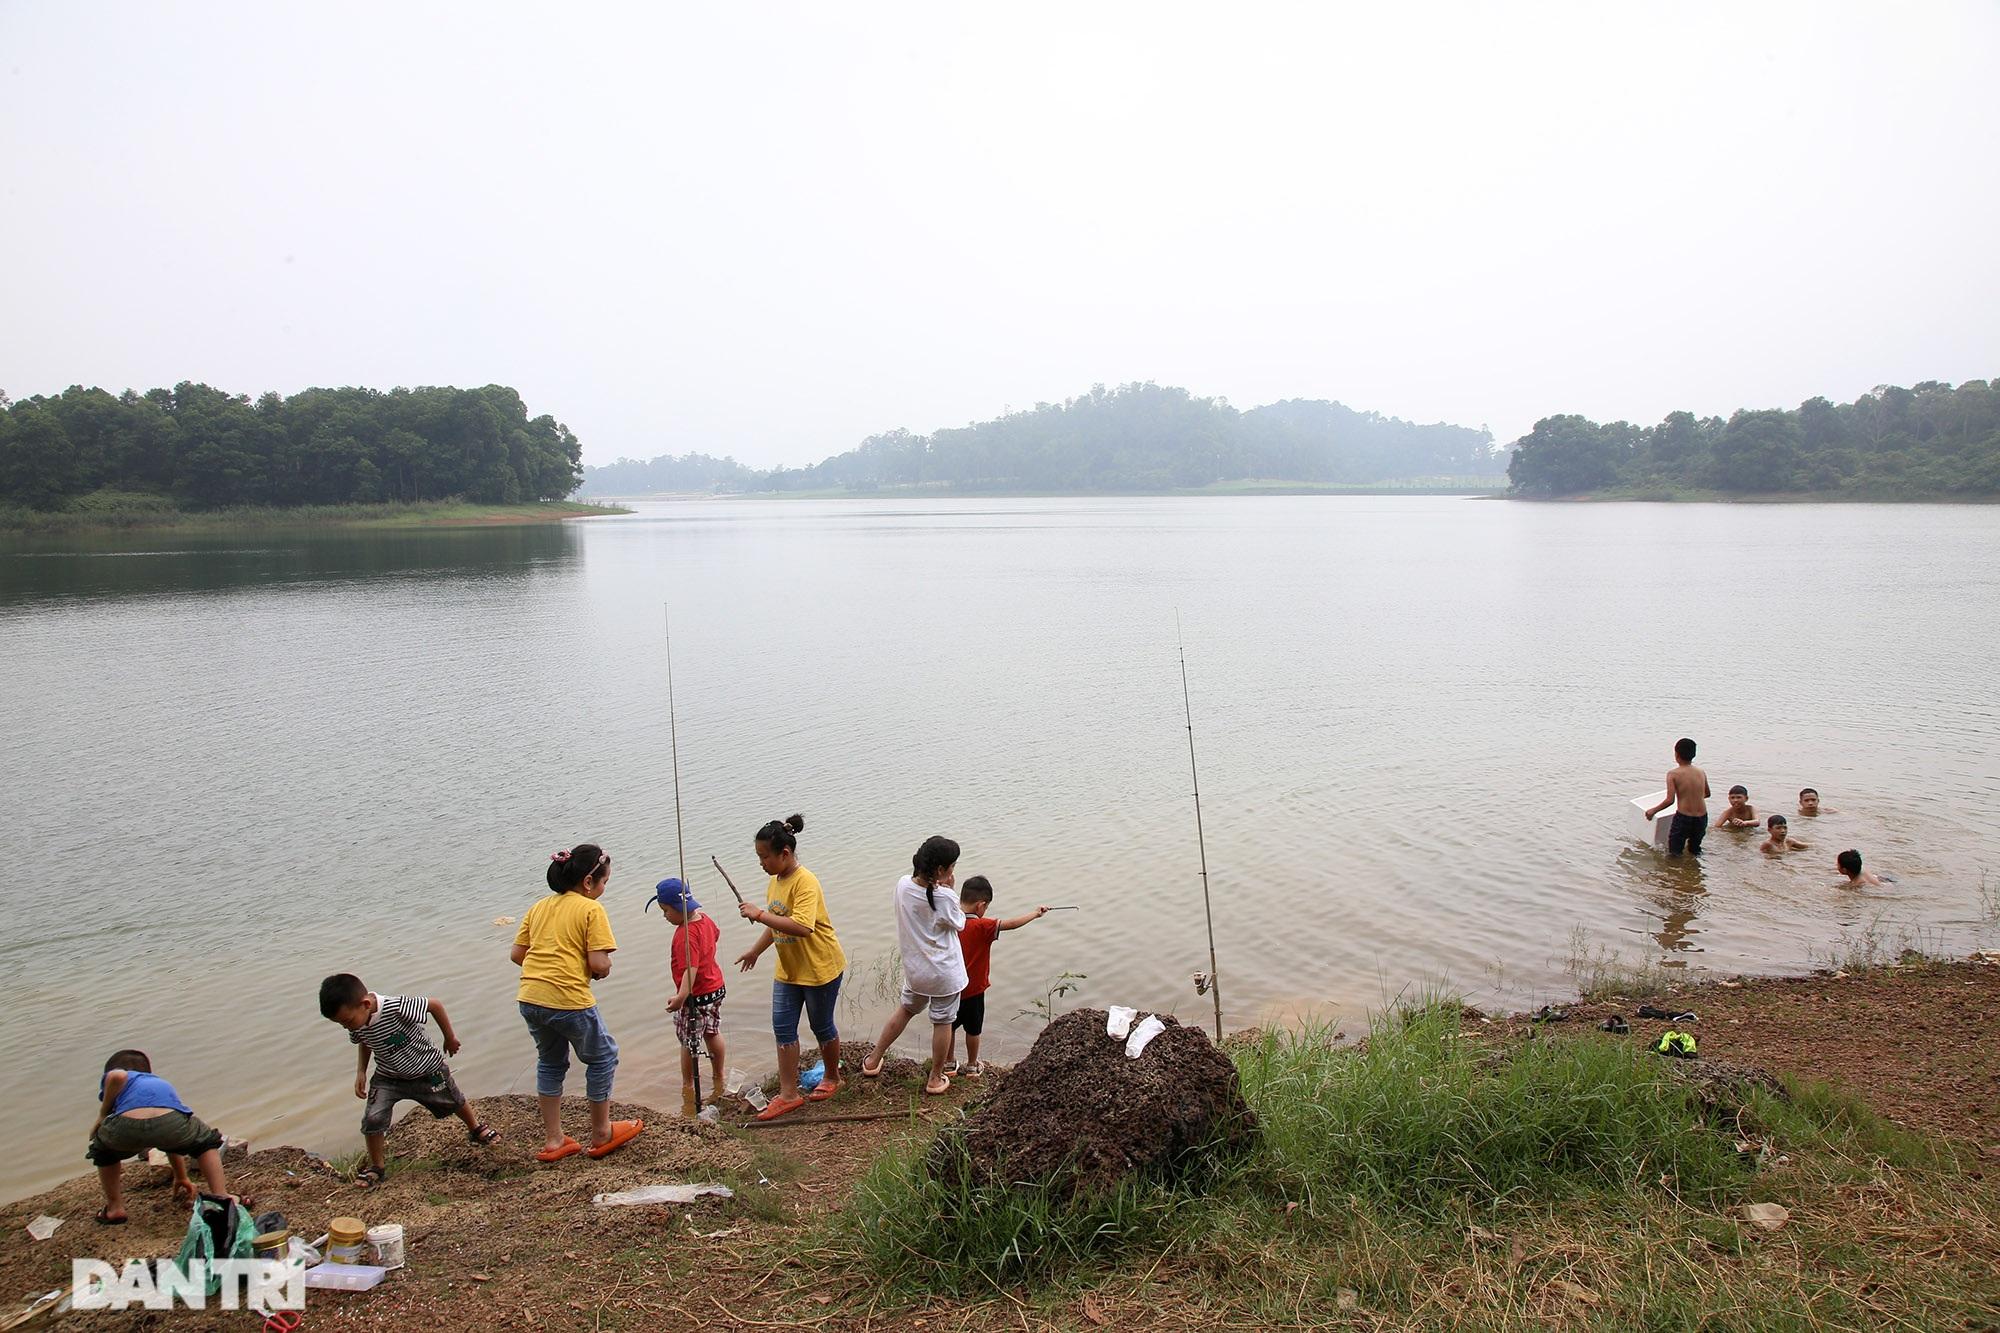 Dù có biển cấm tụ tập, hồ Đồng Mô vẫn tấp nập người đến cắm trại - 6